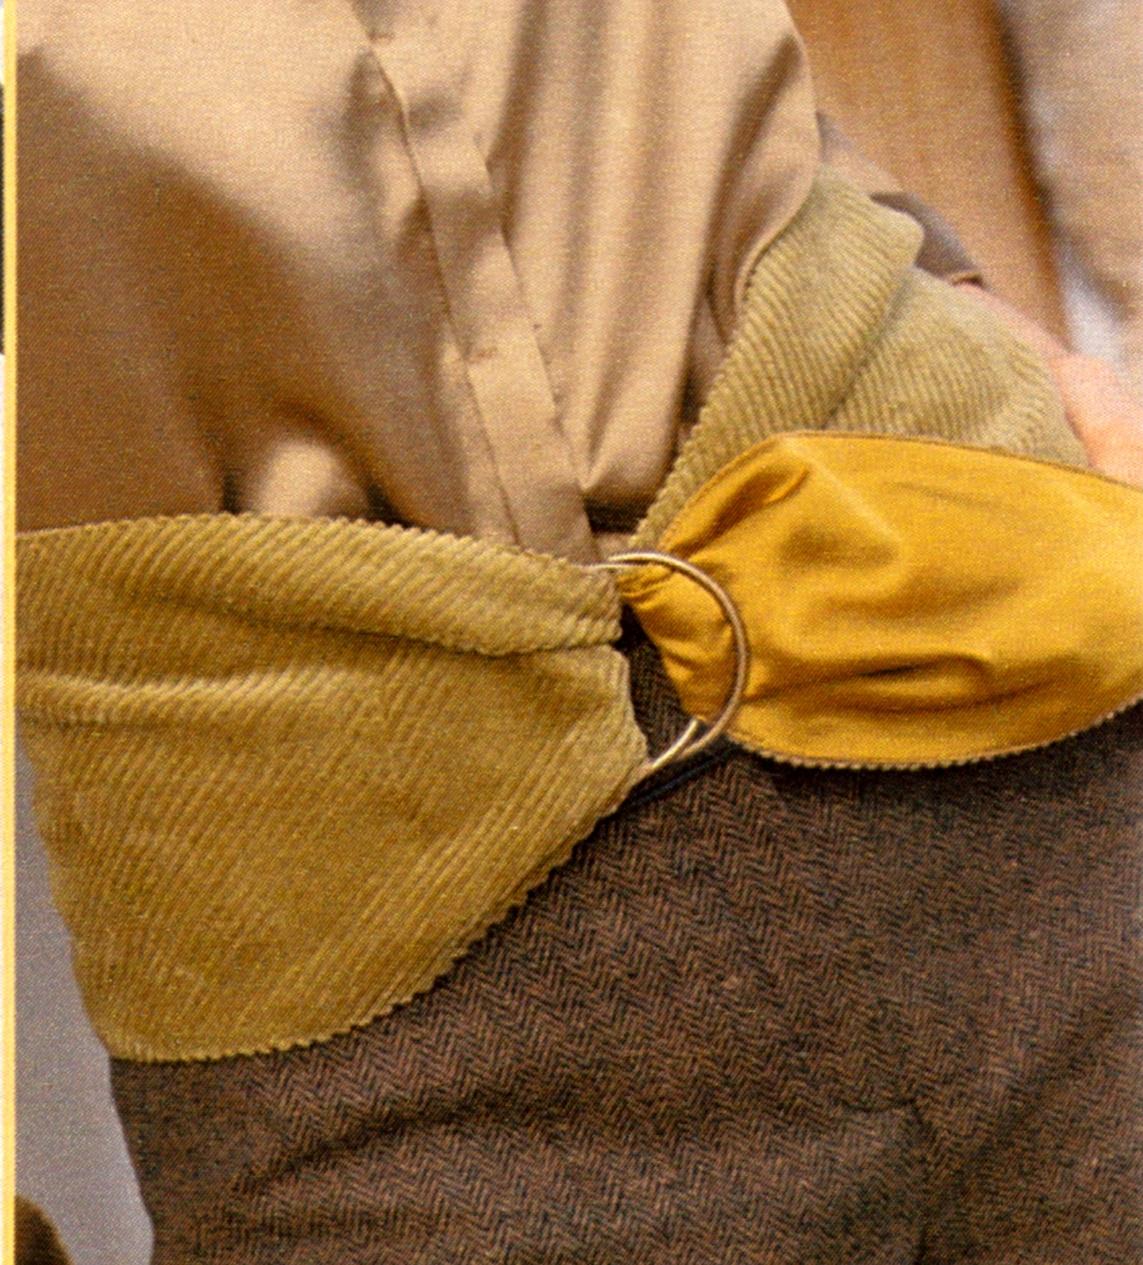 Пояс для платья своими руками из ткани: как сшить с фото и видео 87